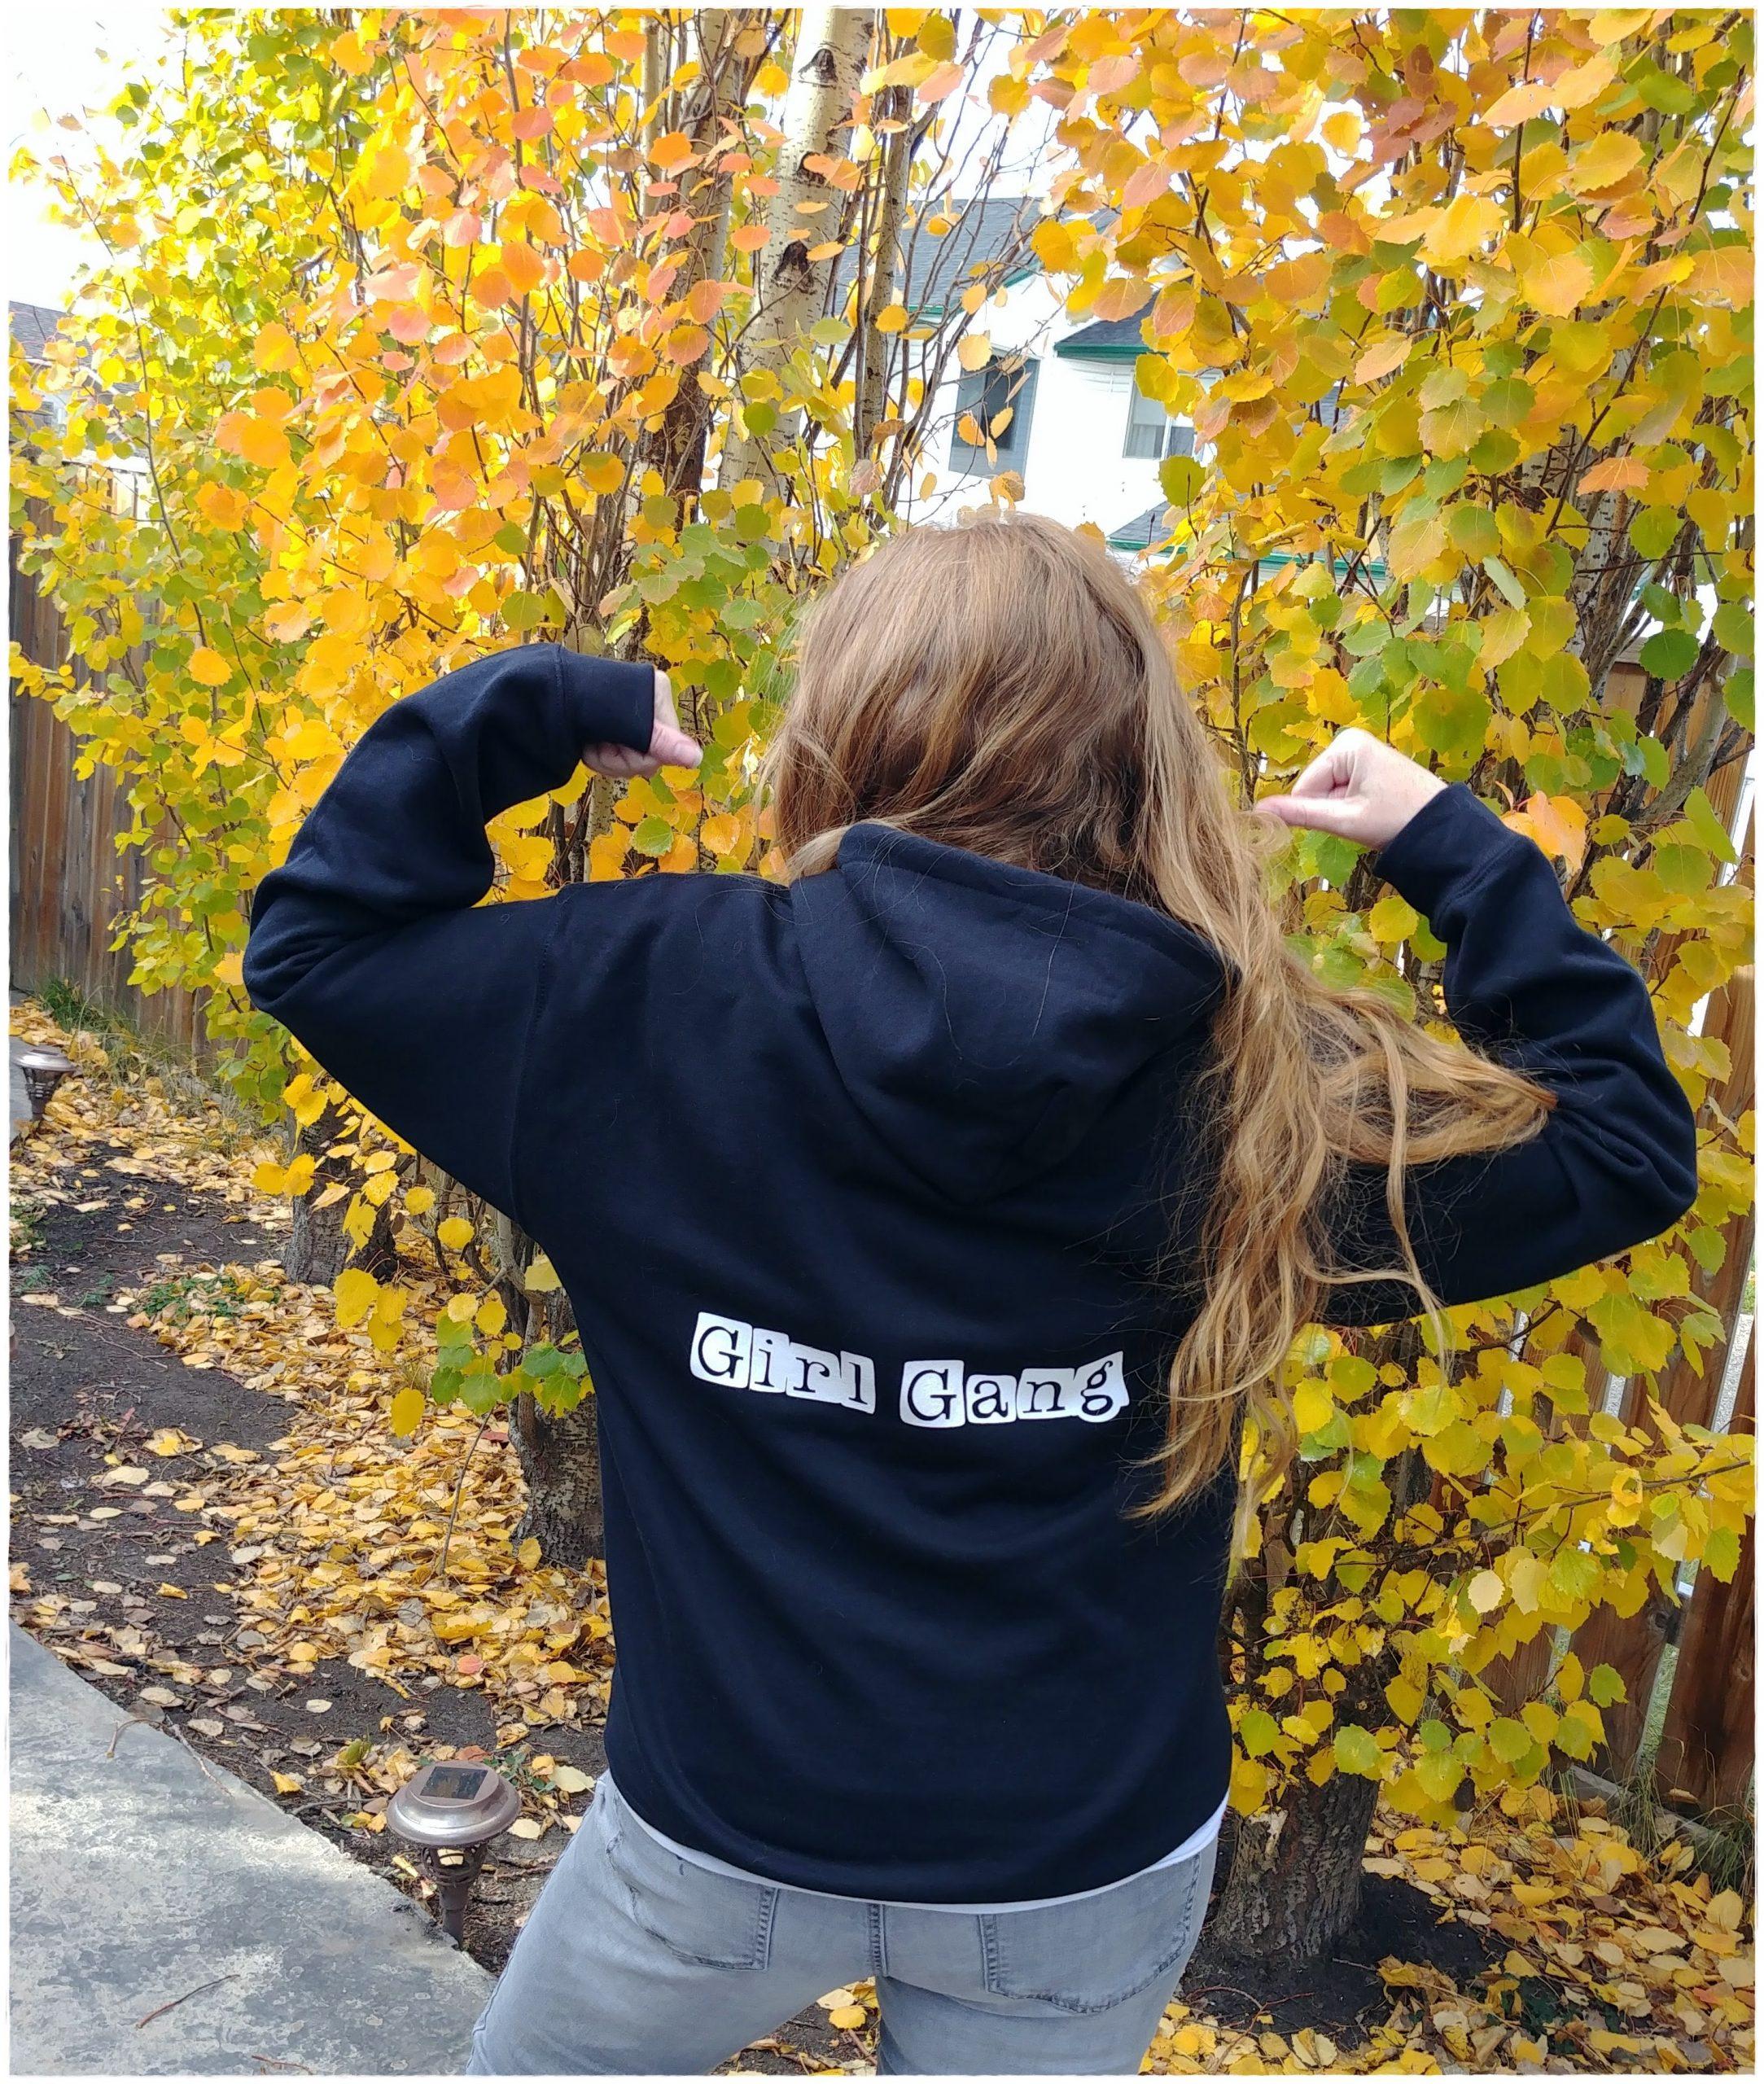 girl gang hoodie 2020